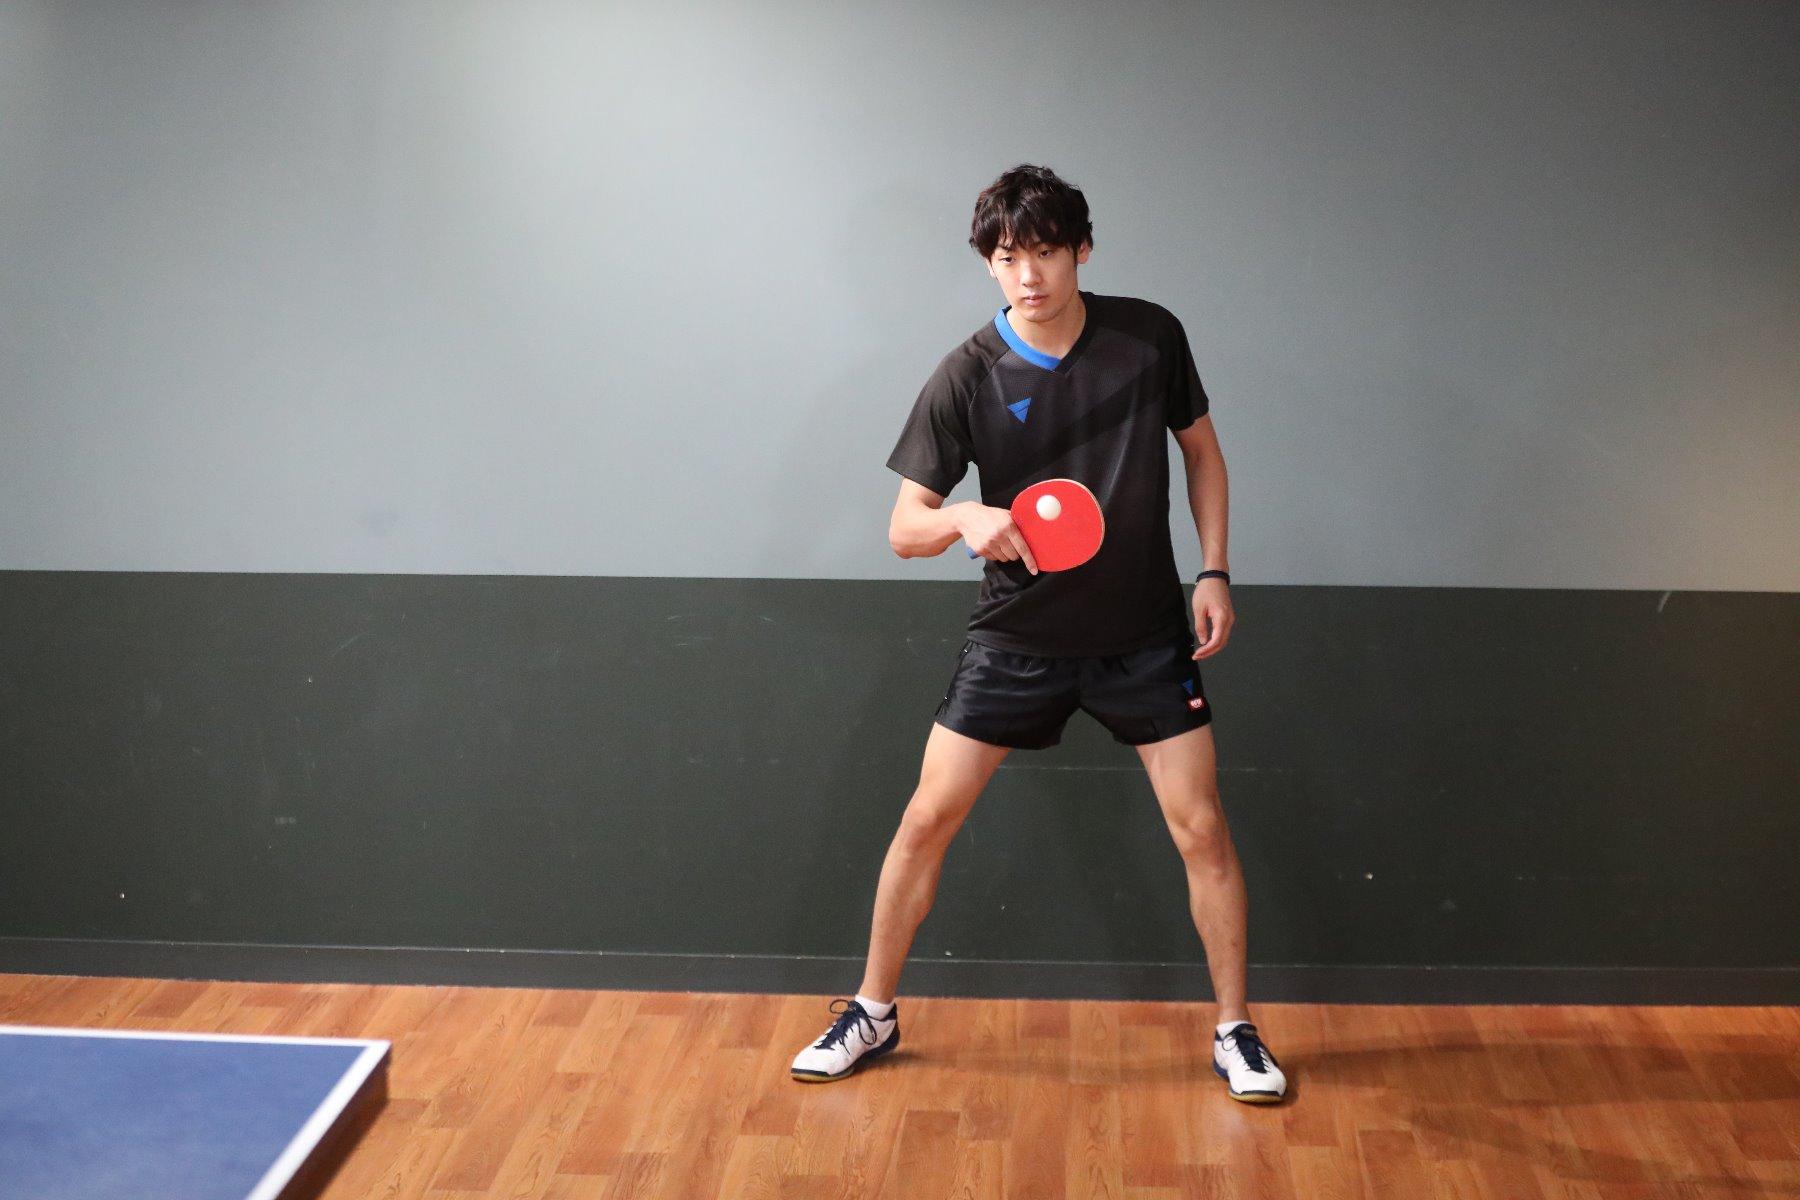 卓球 用語集 VICTAS ヴィクタス ビクタス ロビング 村松雄斗 契約選手 VICTASJOURNAL